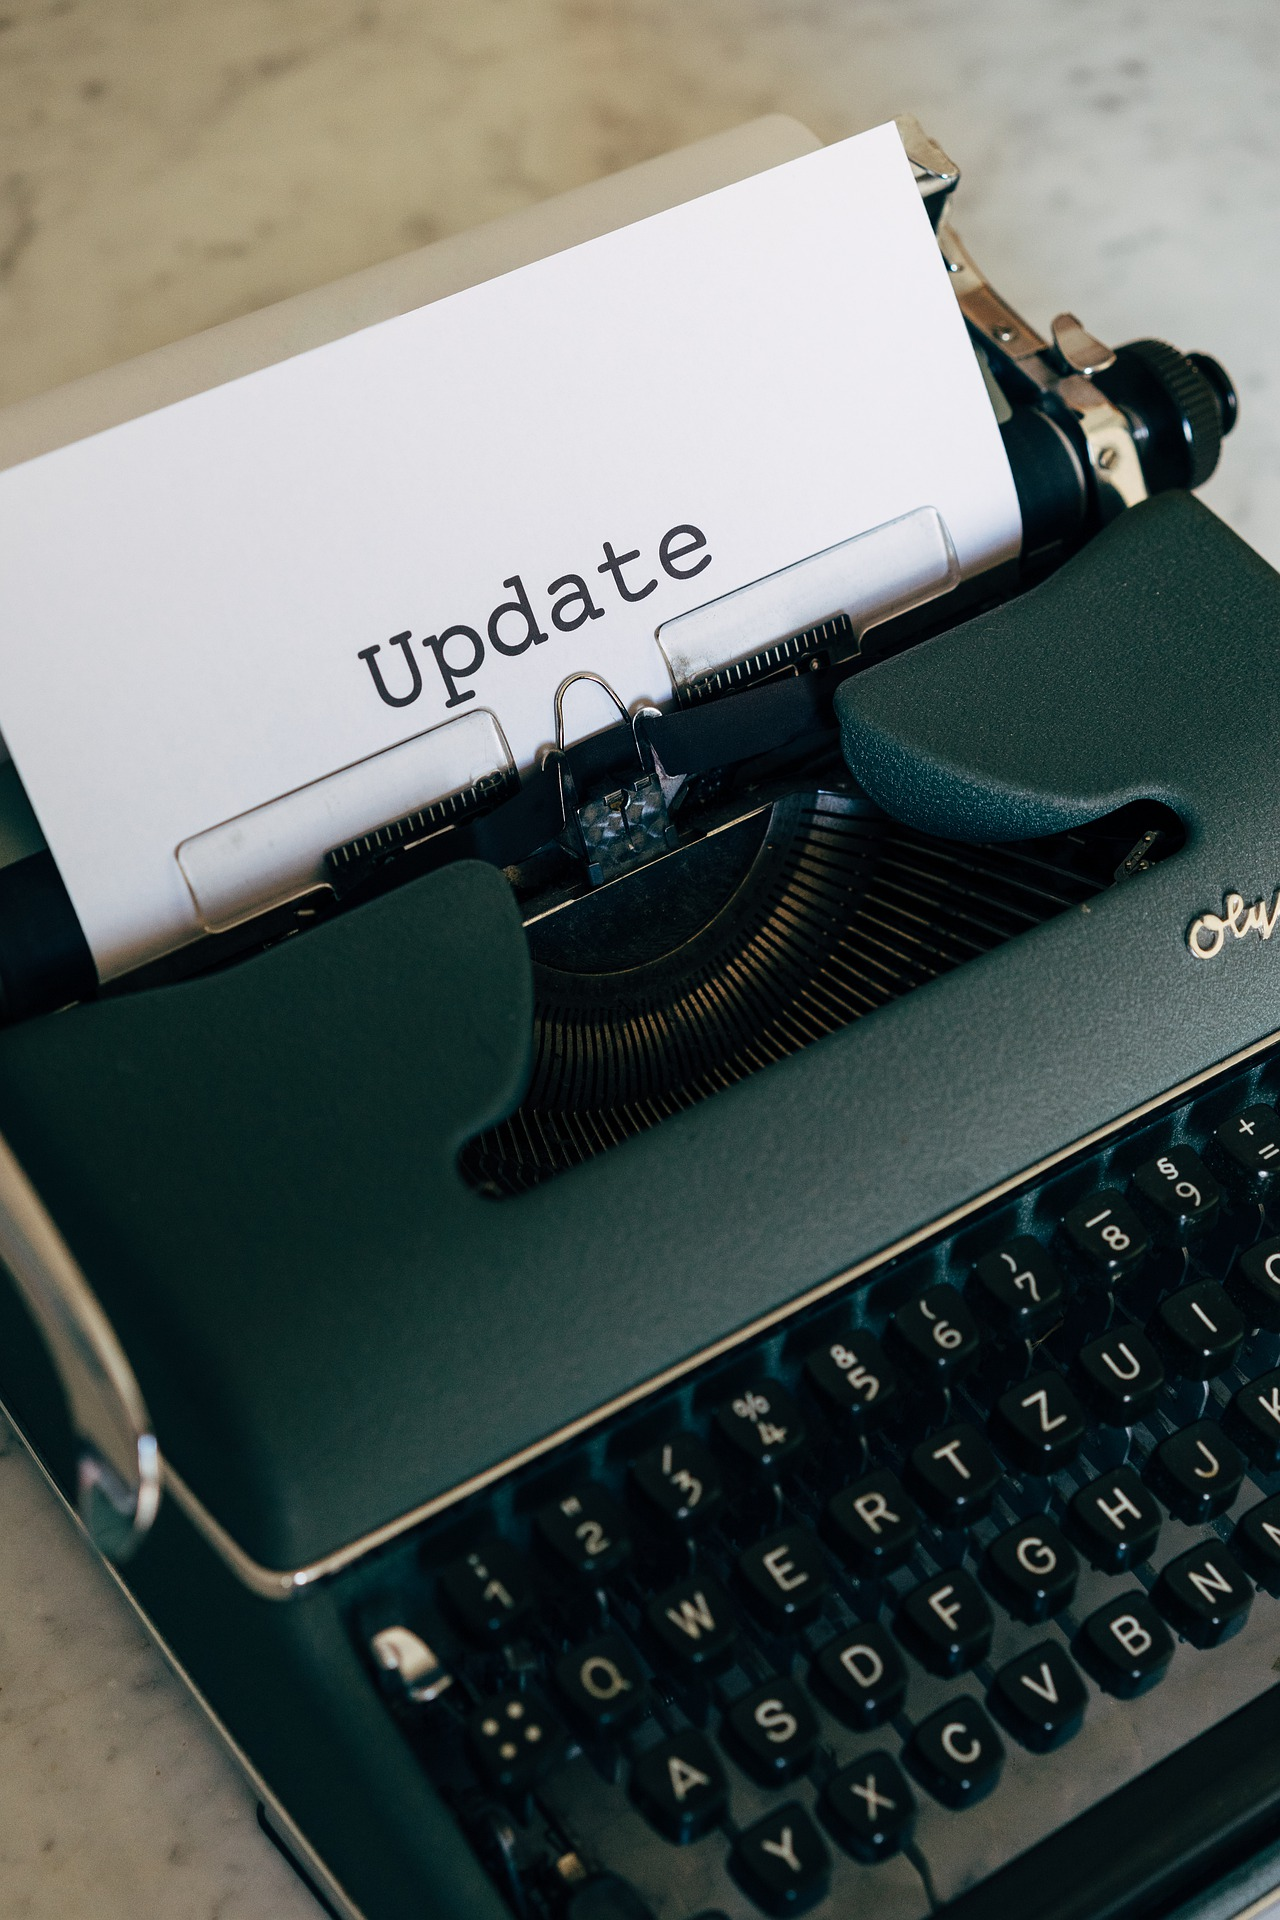 update-5238325_1920